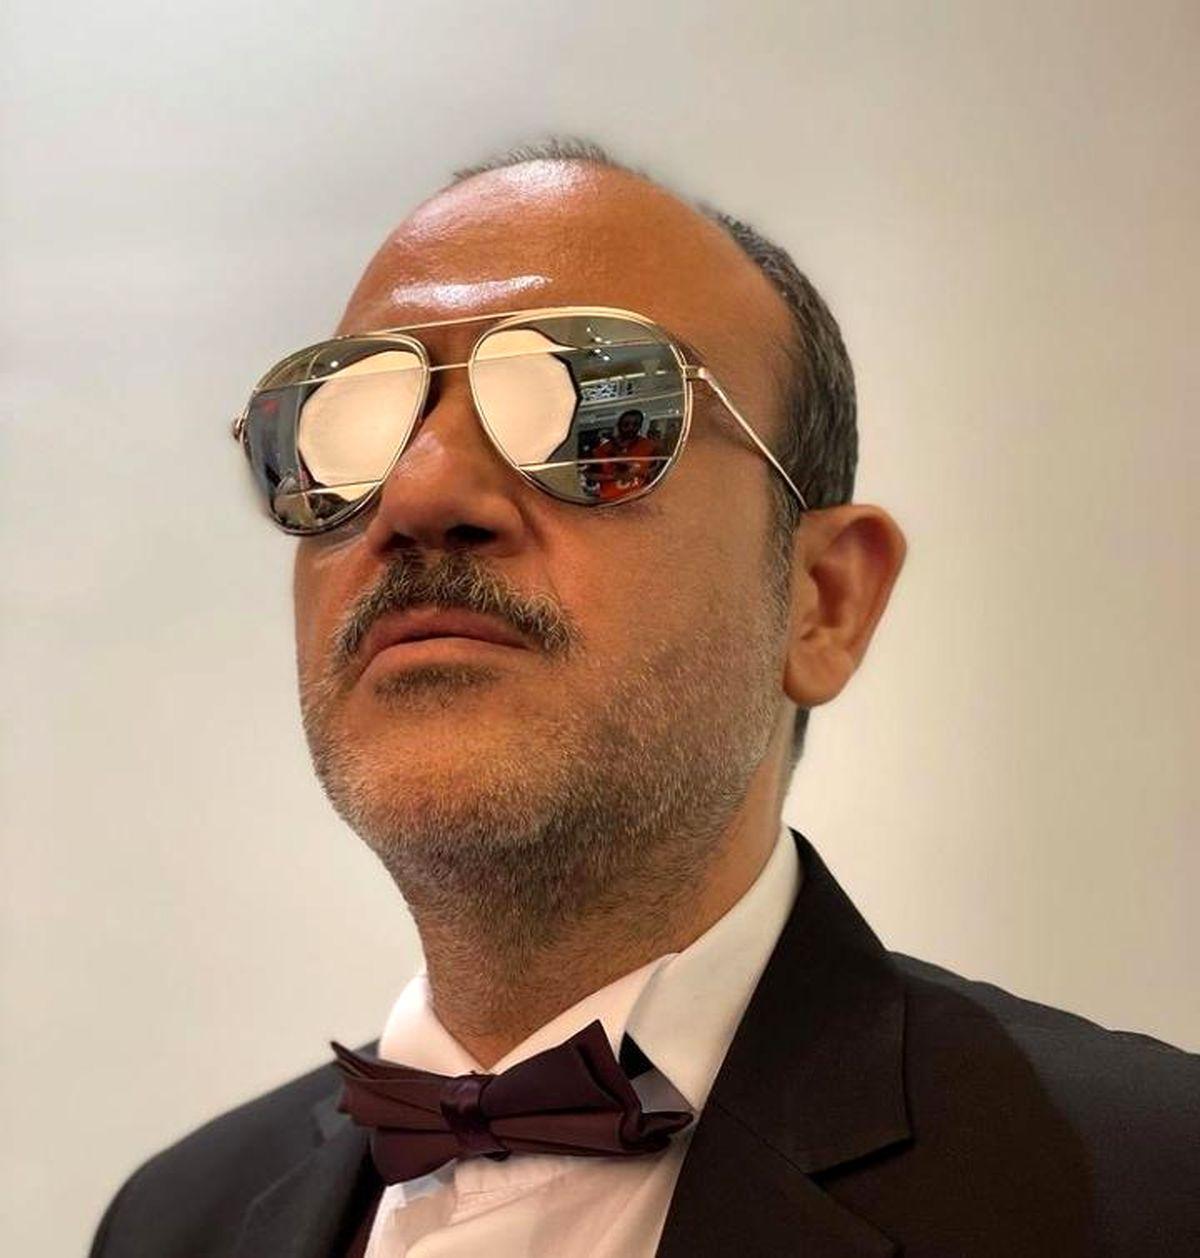 مراسم سالگرد فوت پدر مهران غفوریان + عکس